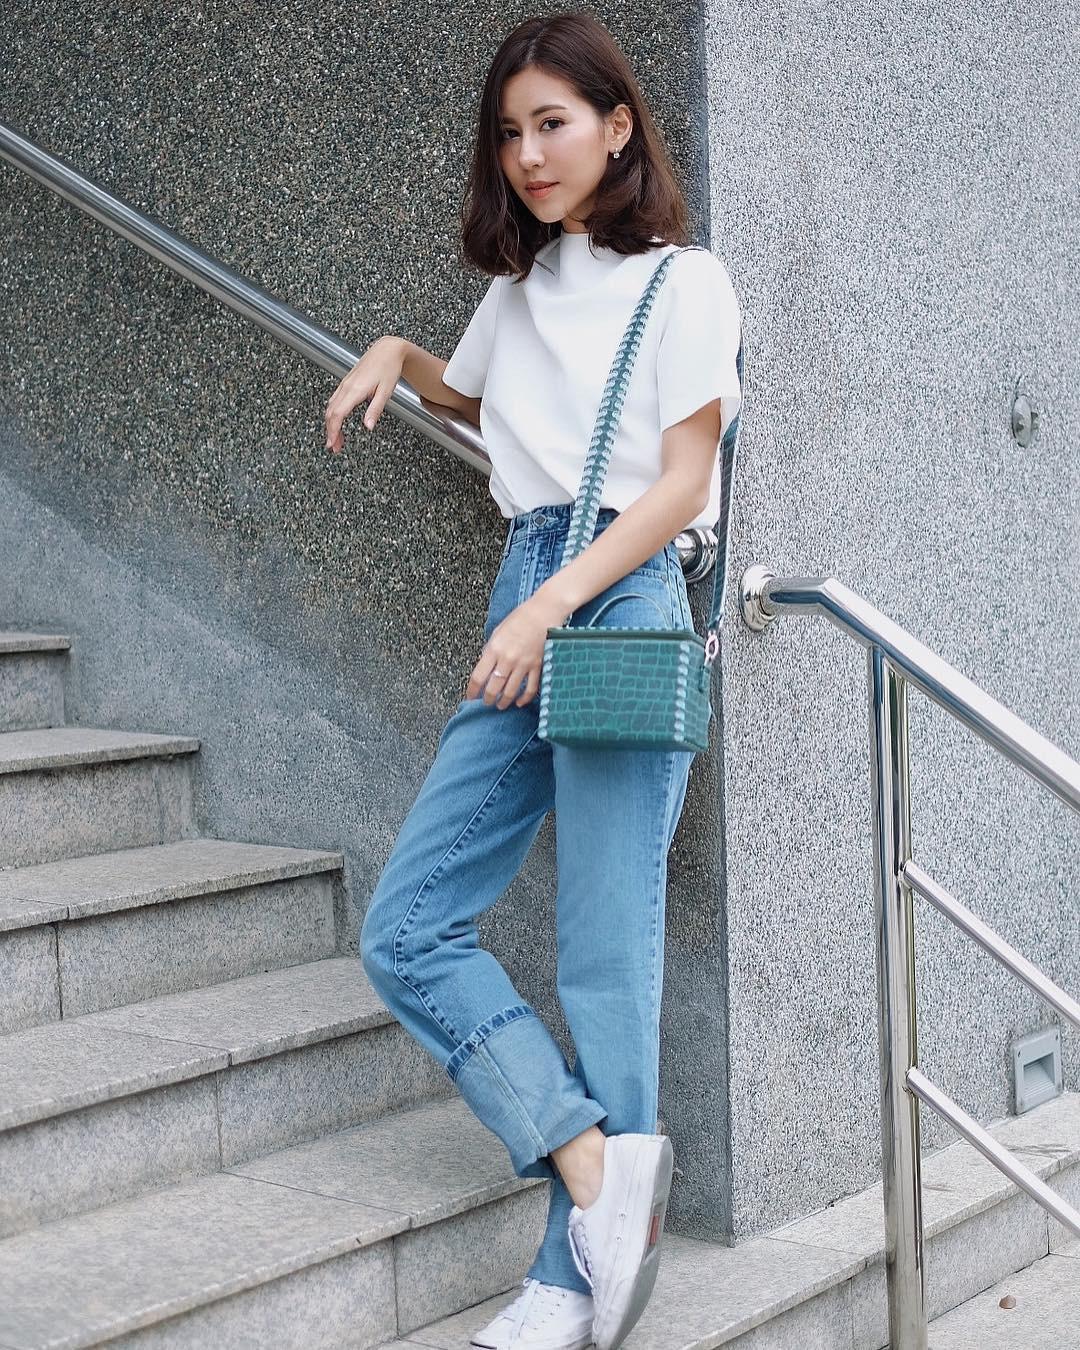 Item bình dân duy nhất trong set đồ của  Seo Ye Ji suốt cả bộ phim: Kiểu quần jeans hack chân dài cực đỉnh mà chị em nào cũng nên có - Ảnh 10.